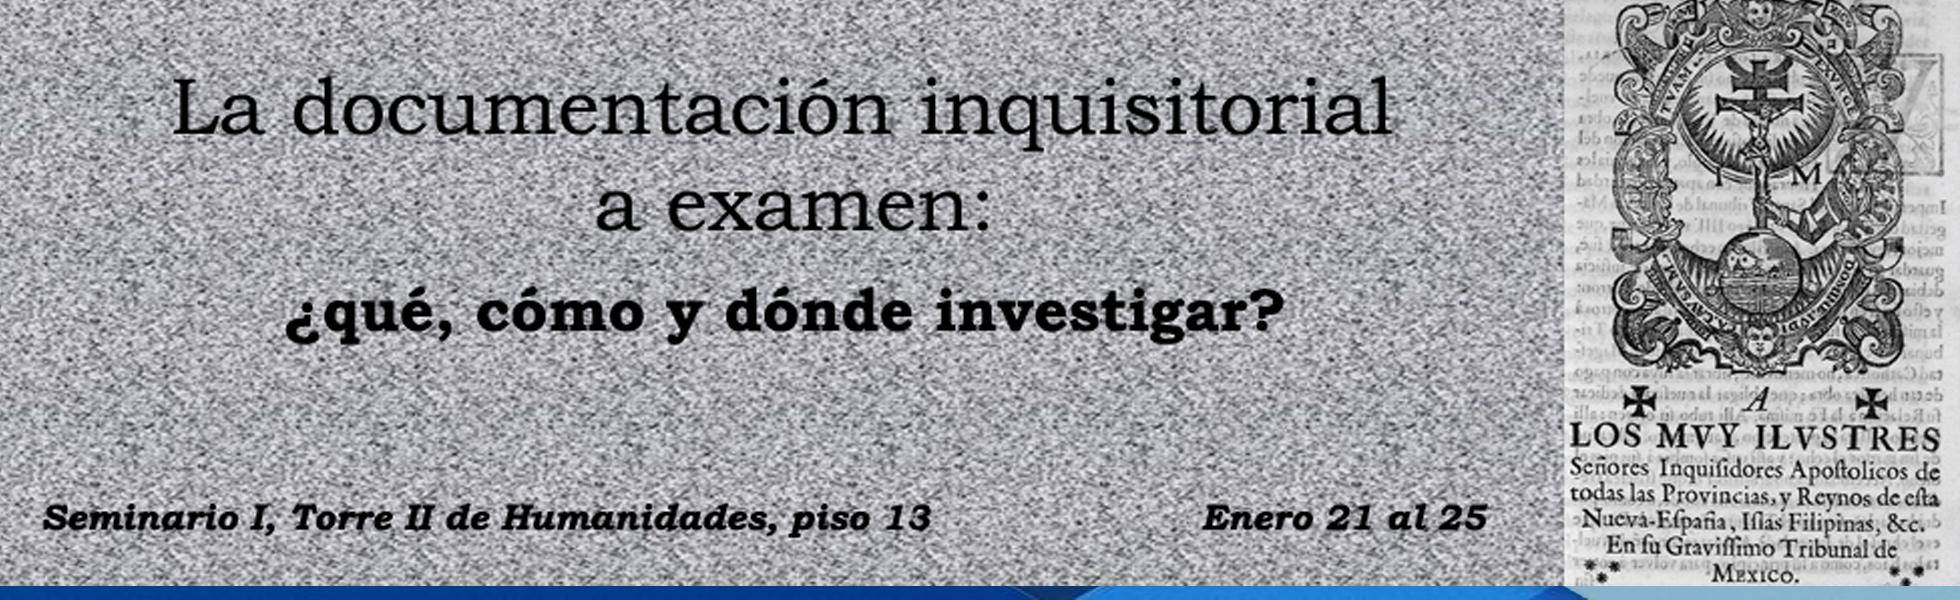 Curso: La documentación Inquisitorial a examen: ¿Qué, cómo y dónde investigar?